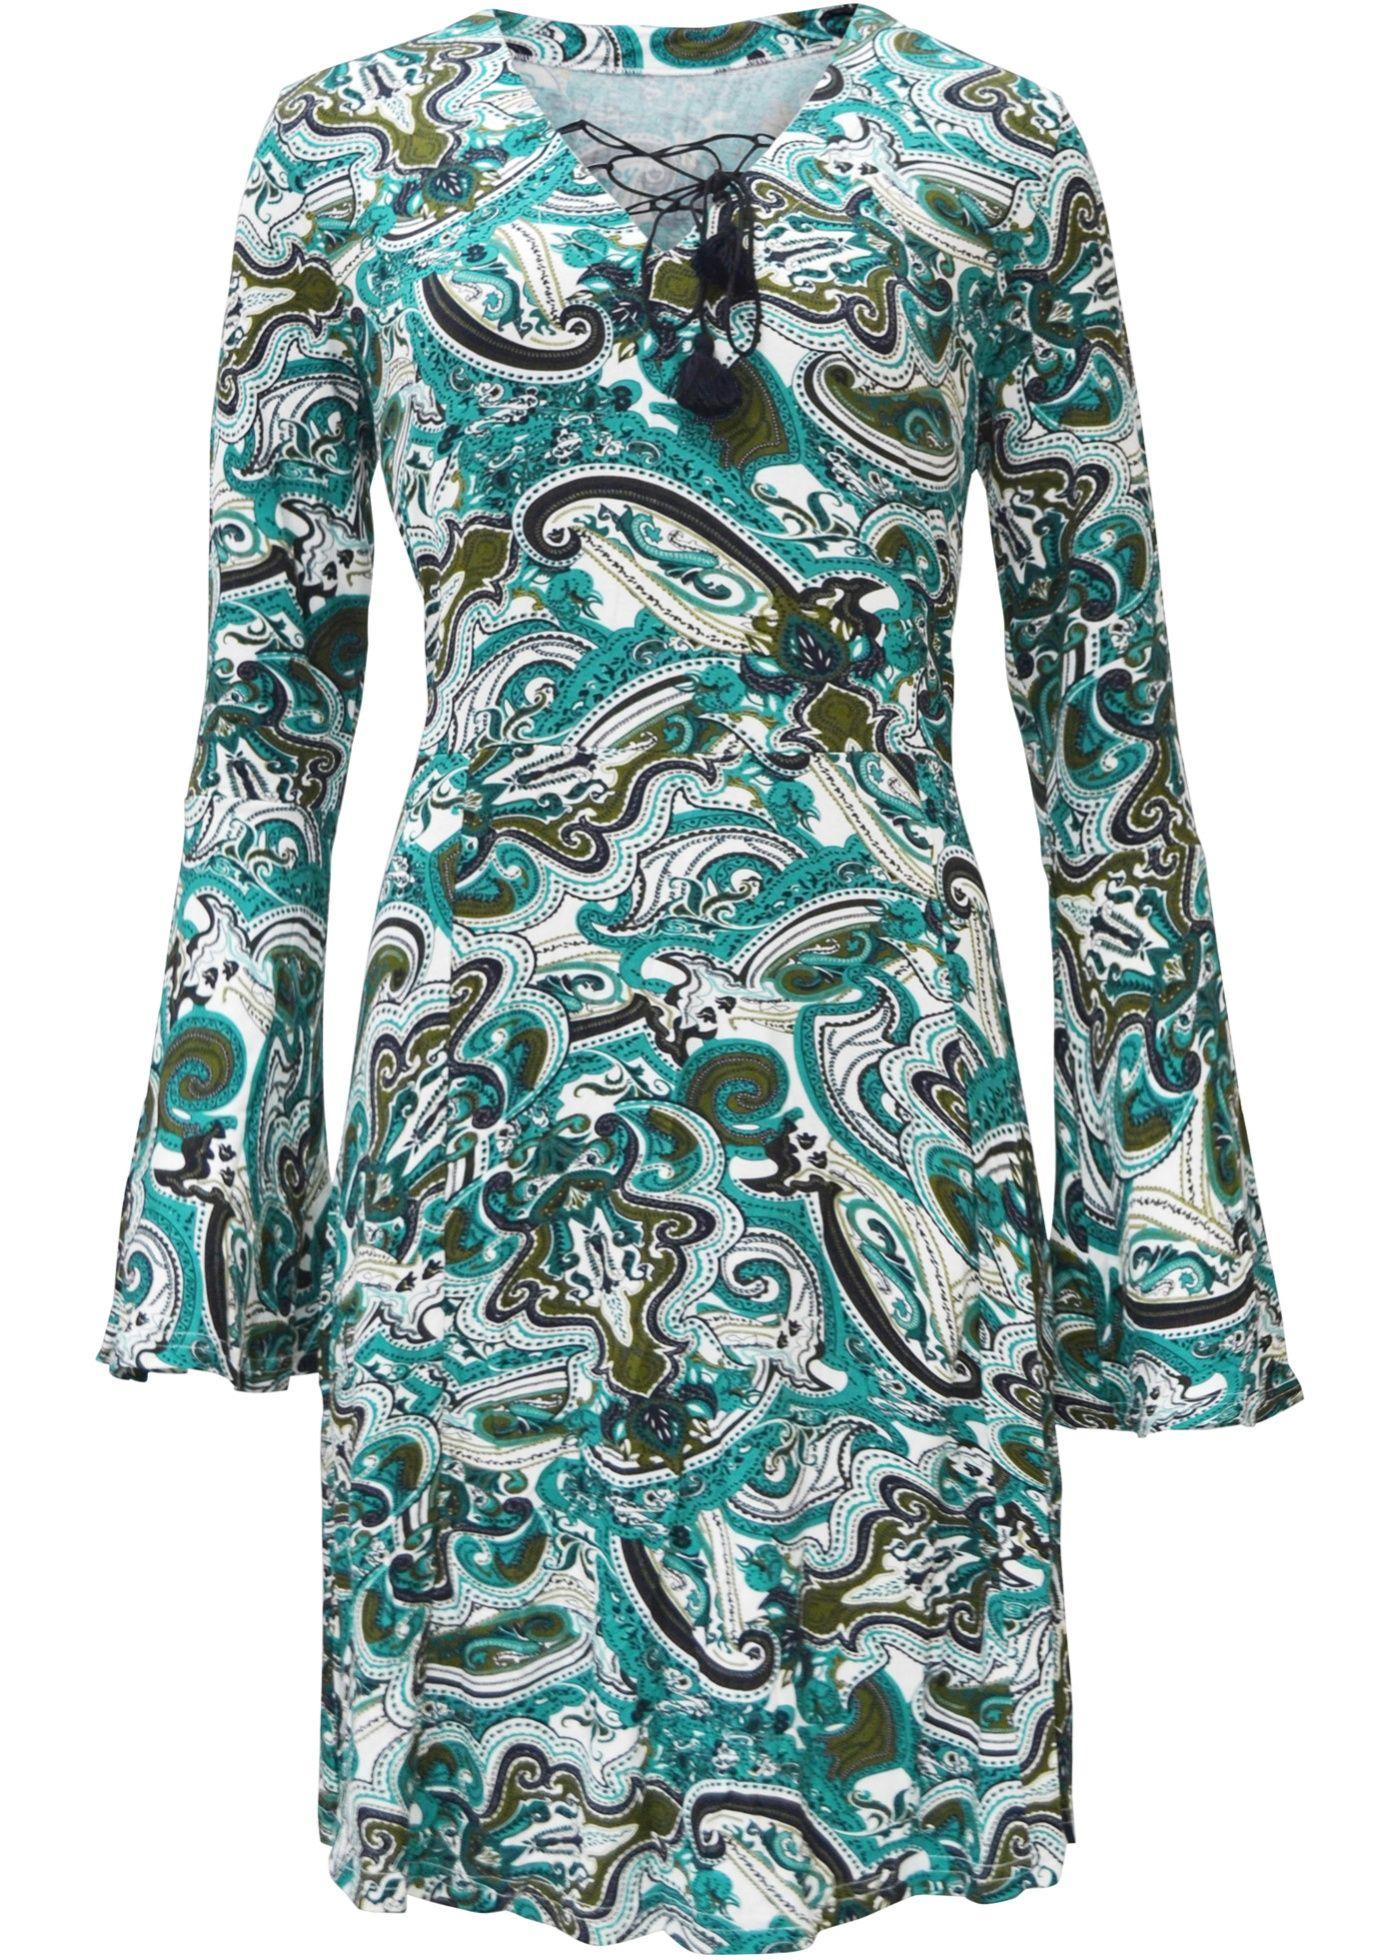 757cd8b2fa Vestido evasê estampa paisley turquesa preto estampado encomendar agora na  loja on-line bonprix